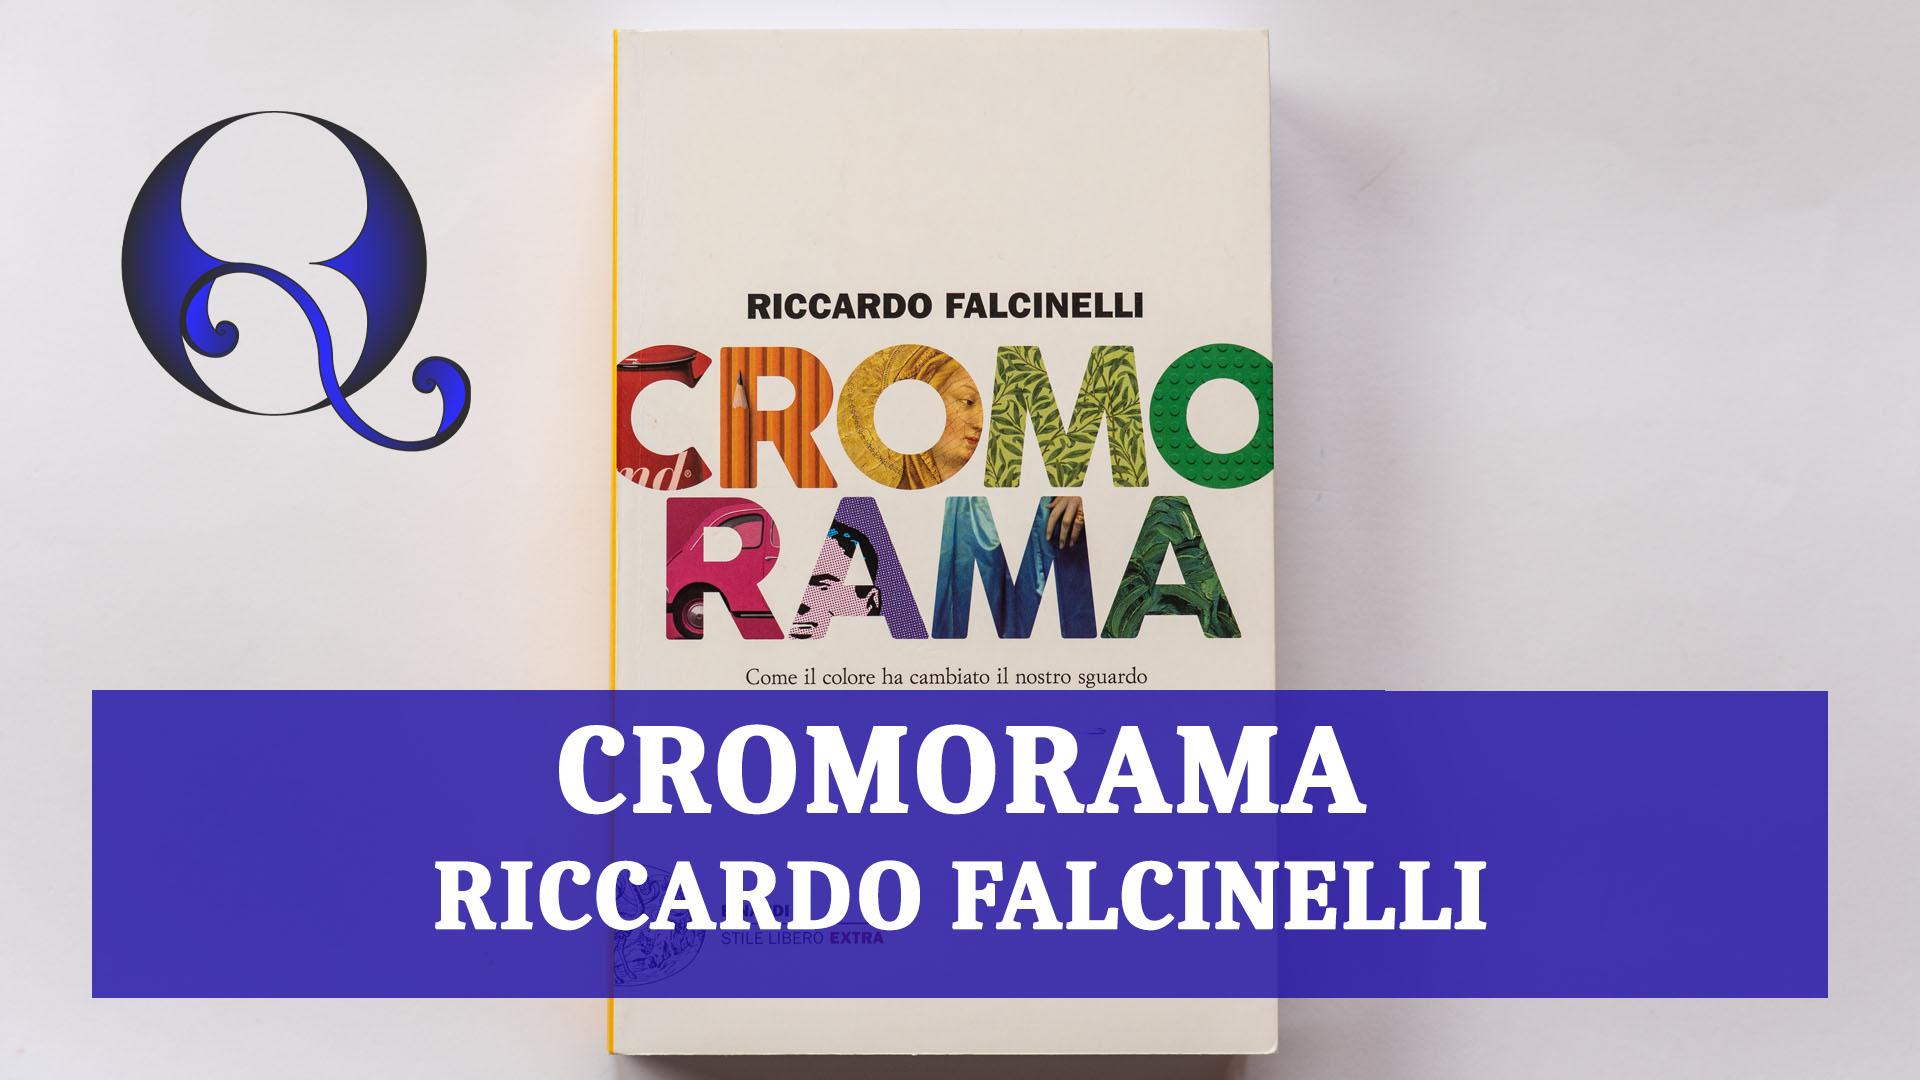 CROMORAMA di RICCARDO FALCINELLI: relazione libro